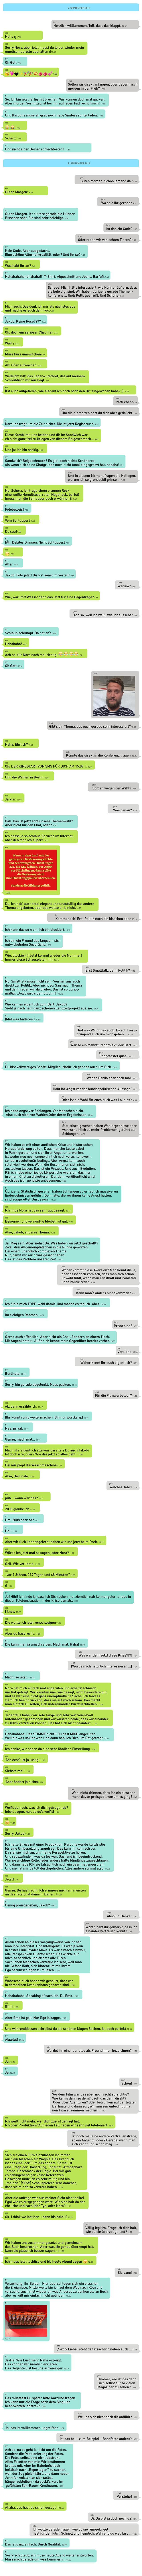 chat1 final web